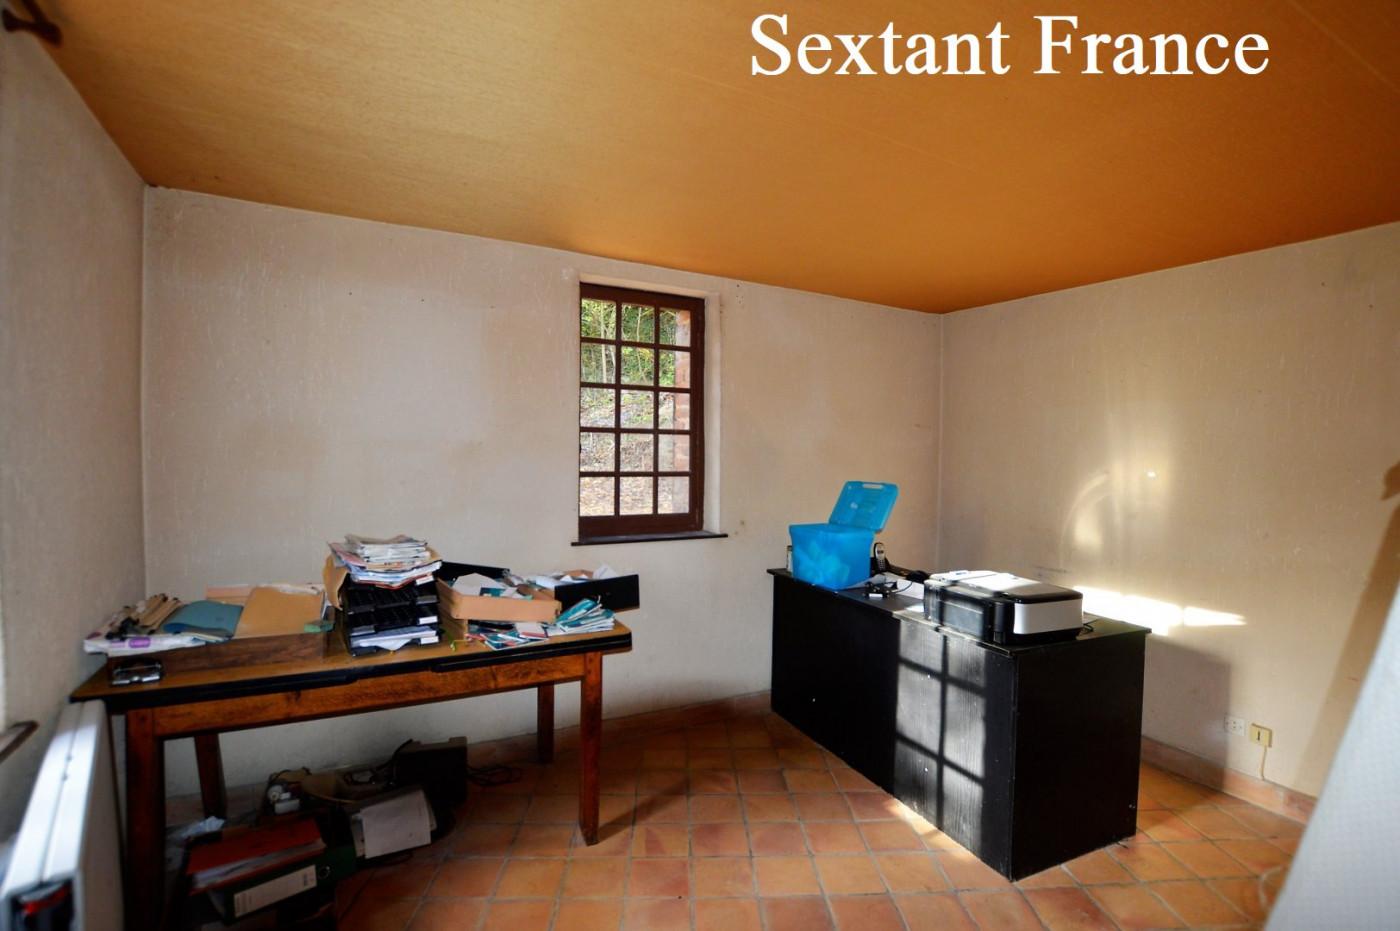 A vendre Vimoutiers 7501183348 Sextant france